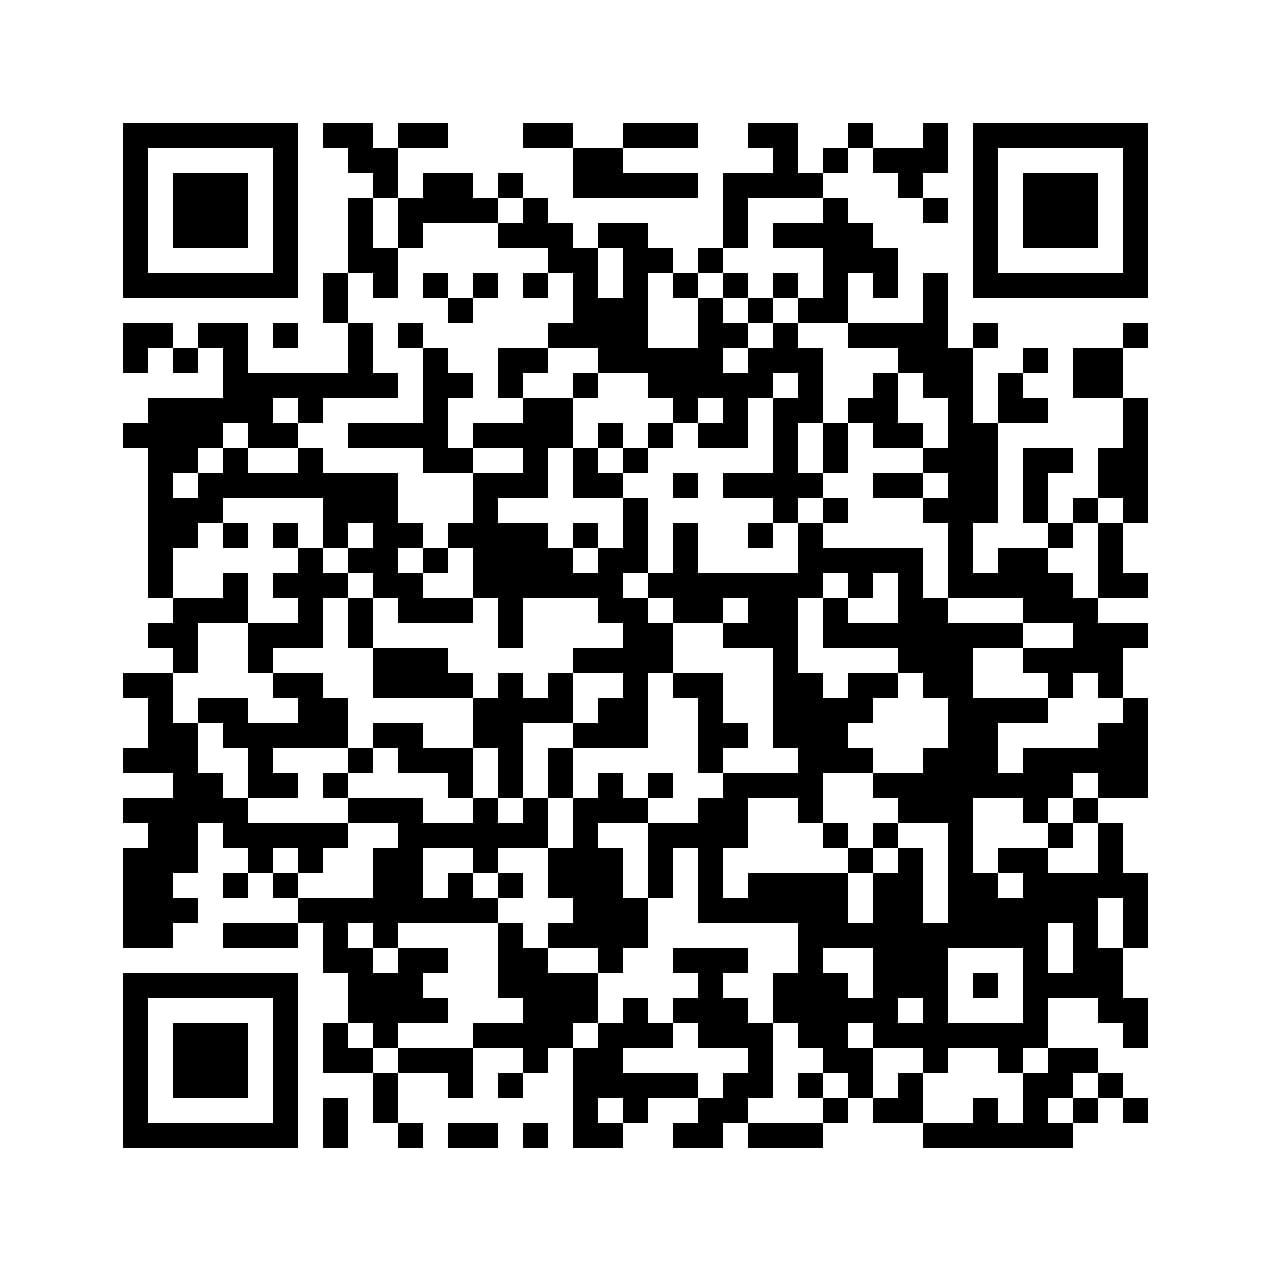 14ff8d4bf890be3ee6977a1fde03729d6fd4e82d.jpg